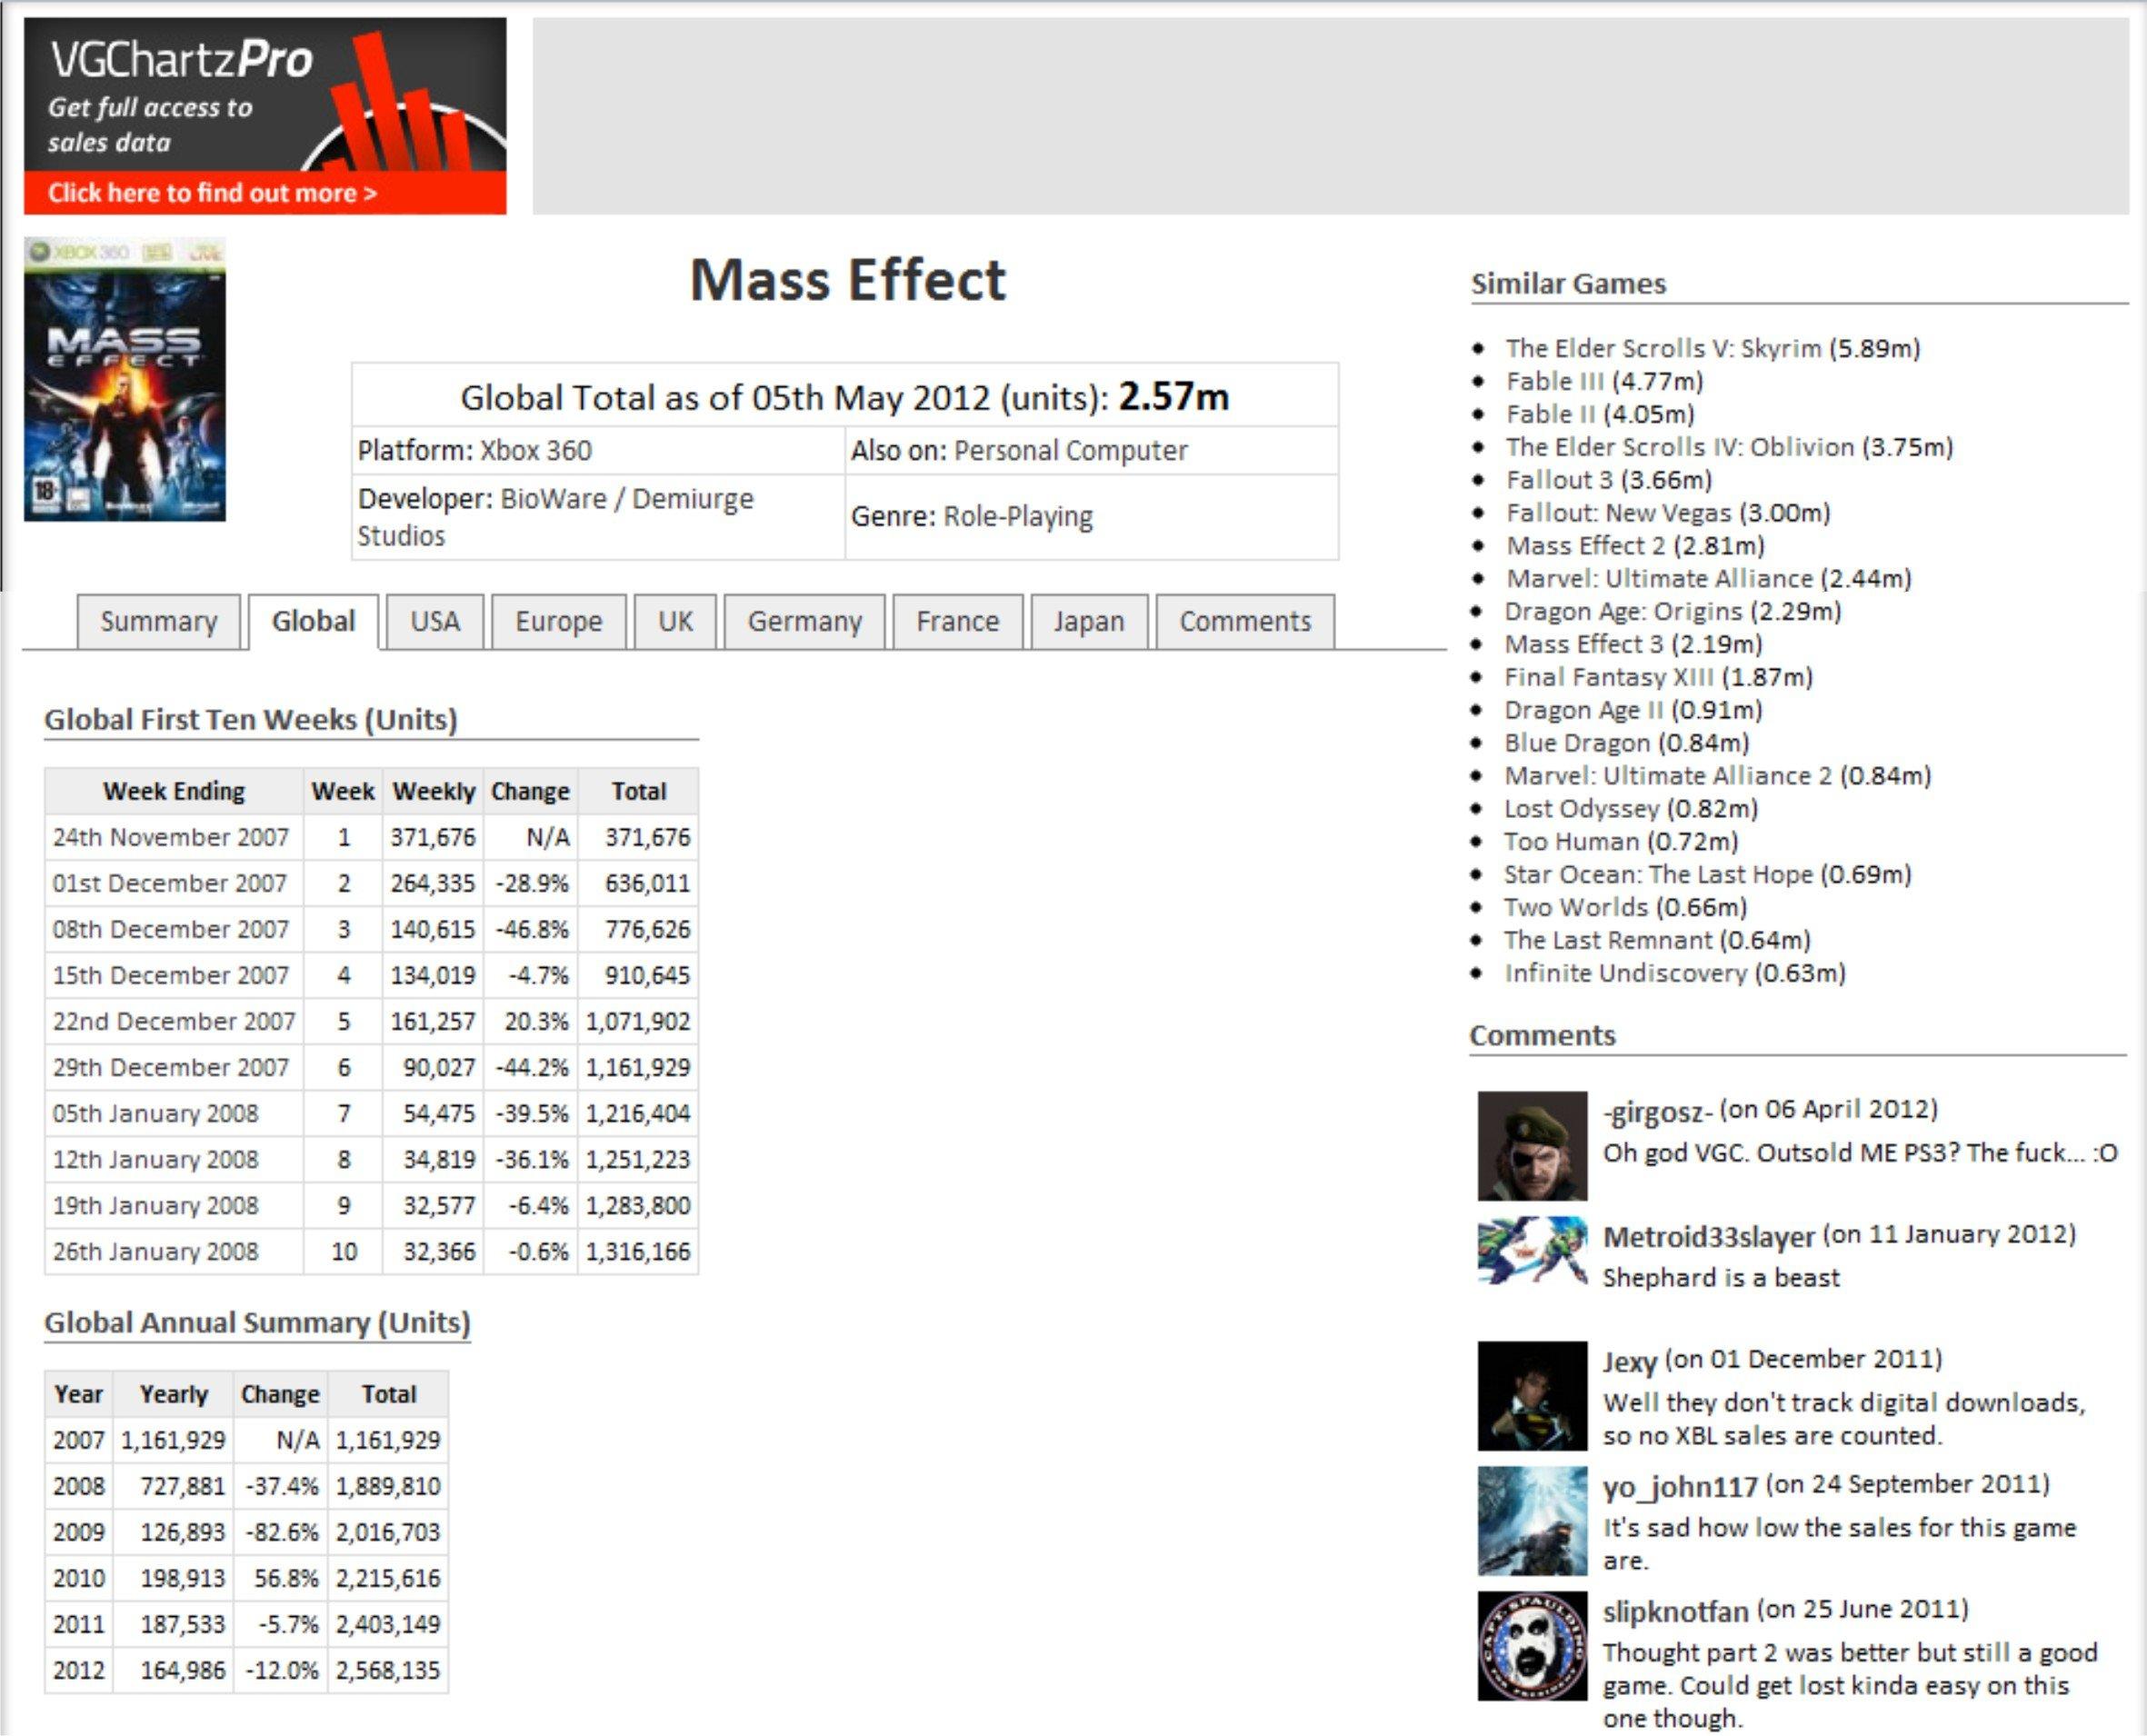 Как и было обещано, подвожу очередные итоги продаж серии Mass Effect - впервые в ежемесячном формате. Источник данны ... - Изображение 1